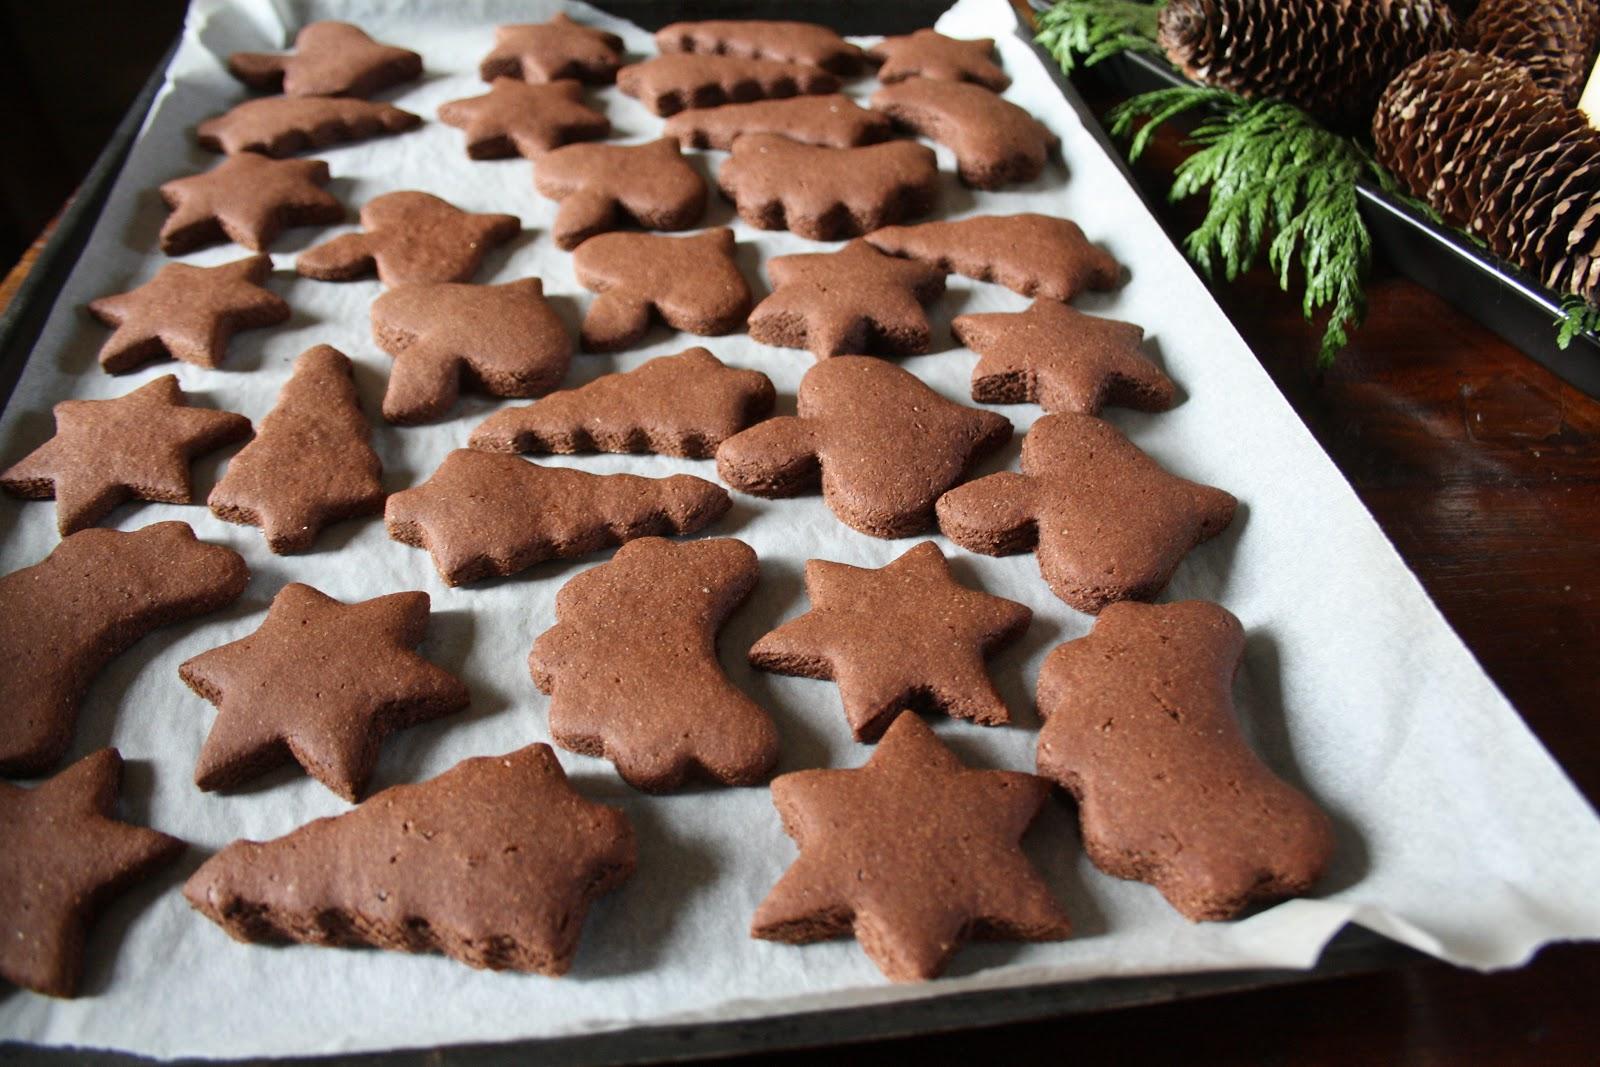 Ausstecher kekse vegan rezept